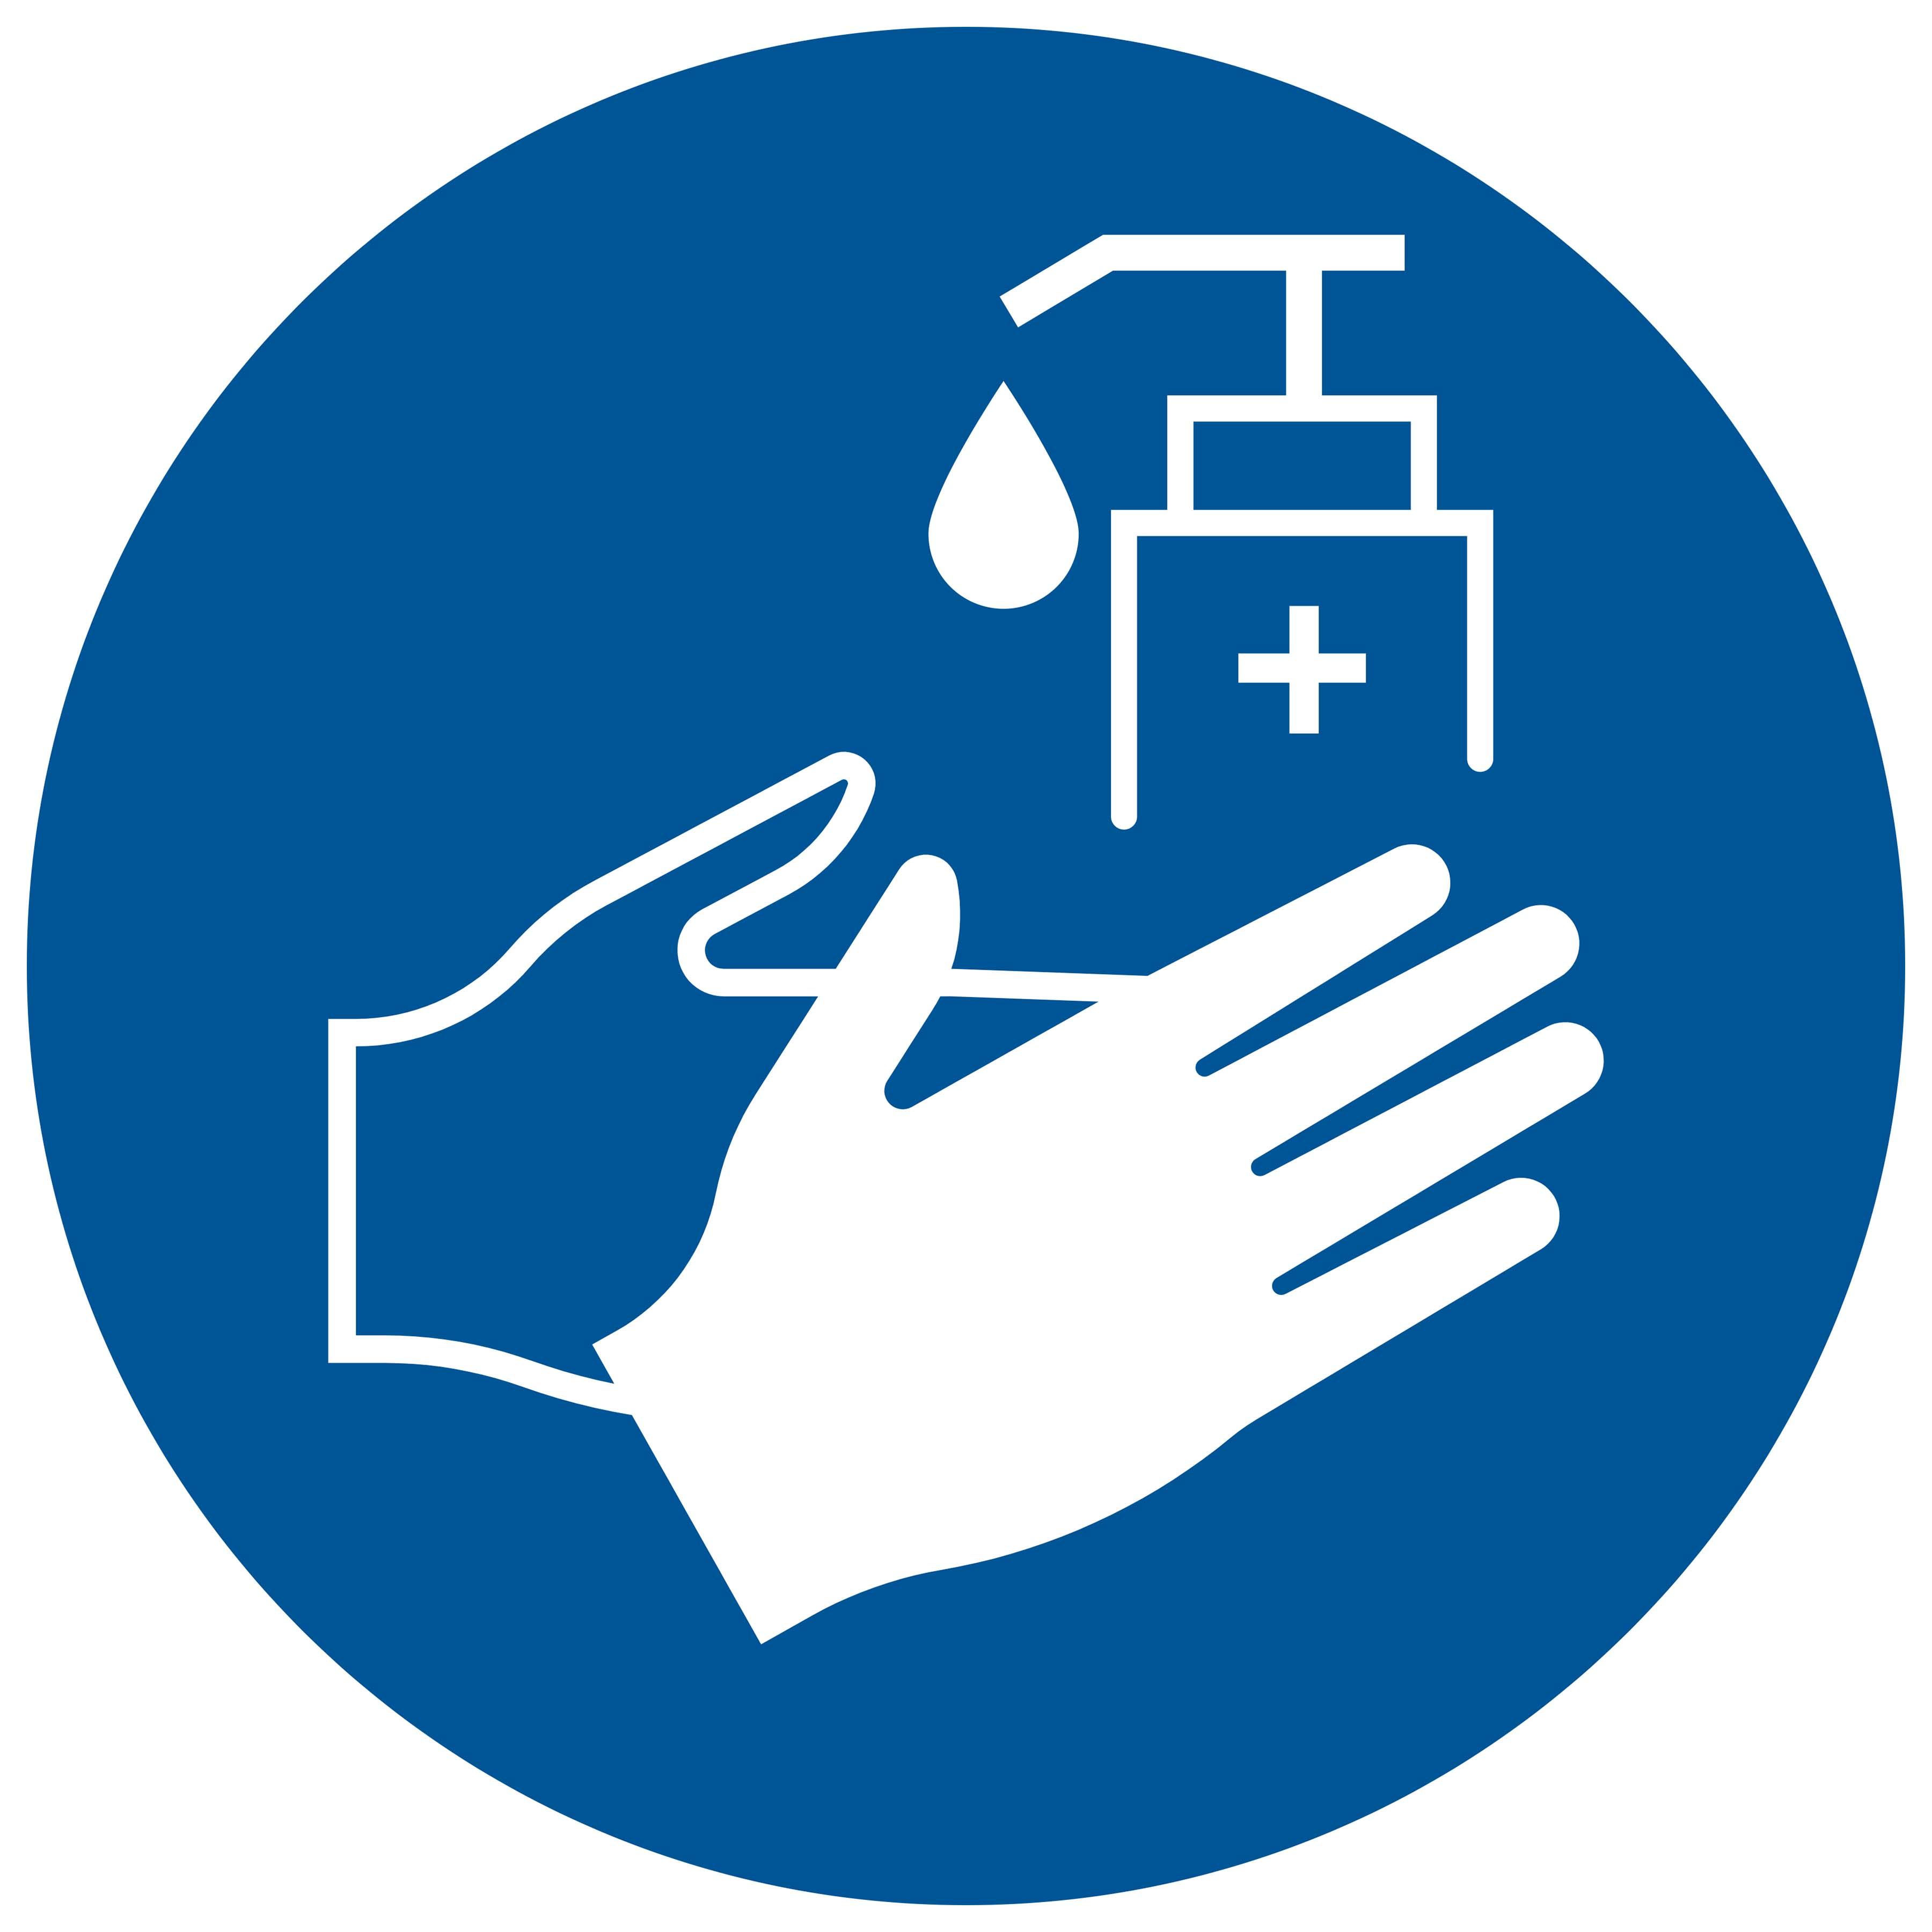 Pickup sticker Handen desinfecteren verplicht - Disinfect hands required - Désinfection des mains requise - Hände desinfizieren erforderlich - social distance